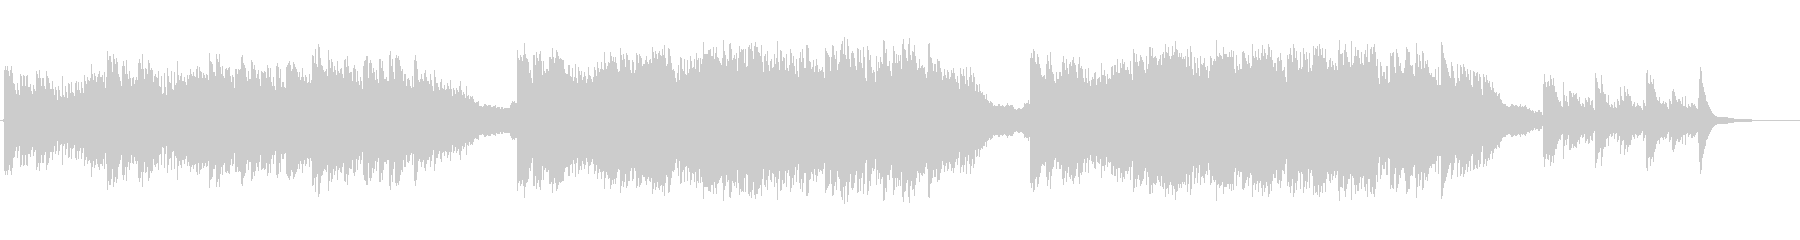 現代の交響曲 感情的 バラード く...の未再生の波形